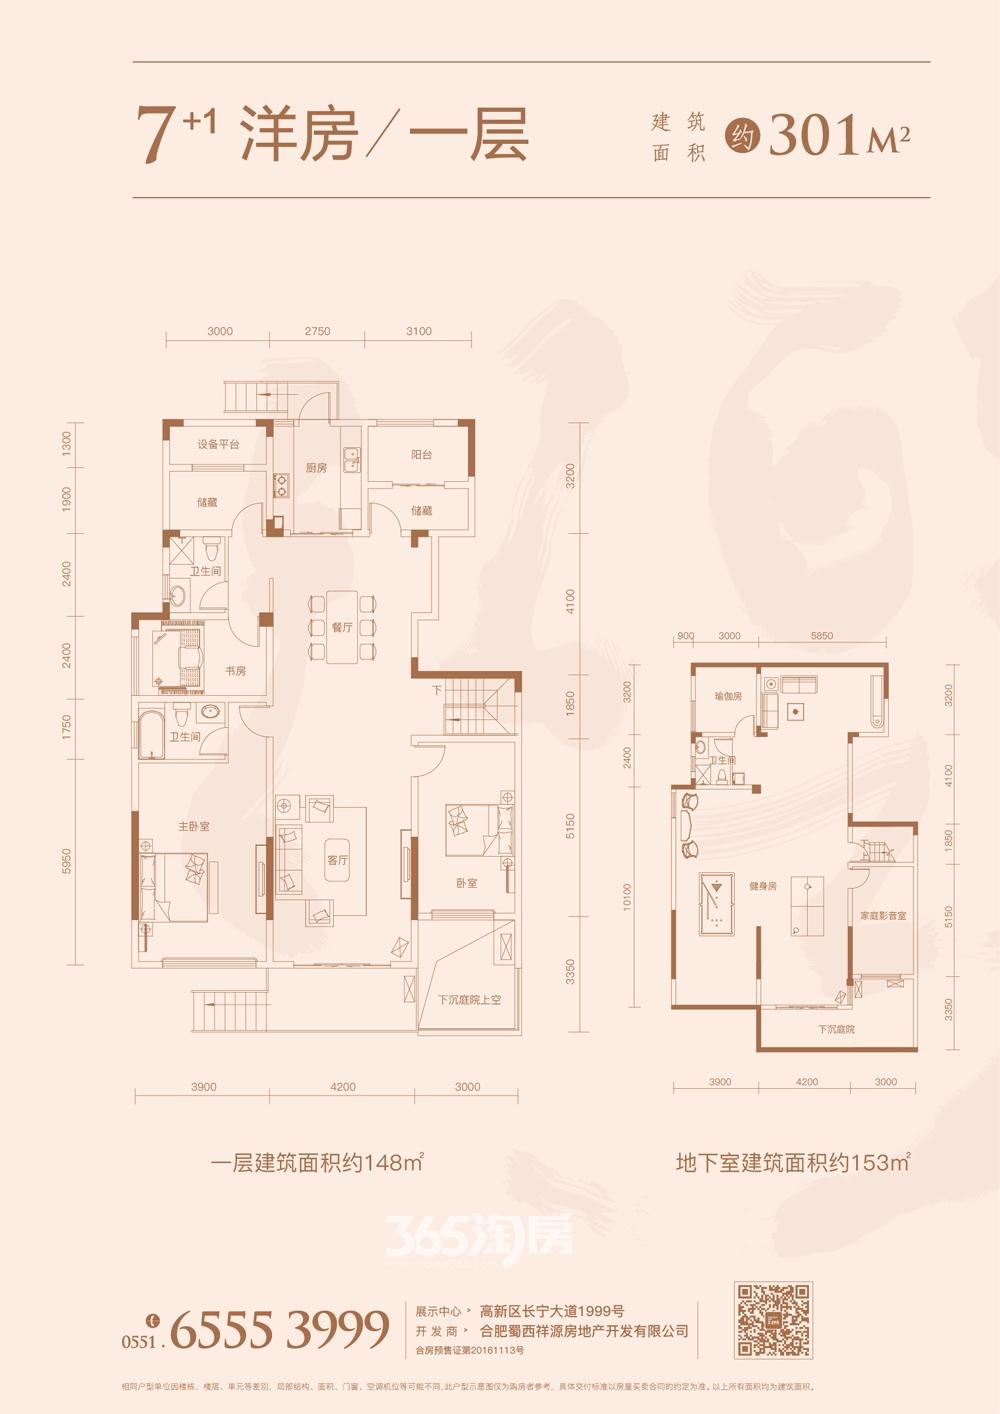 祥源金港湾7+1洋房一层户型图